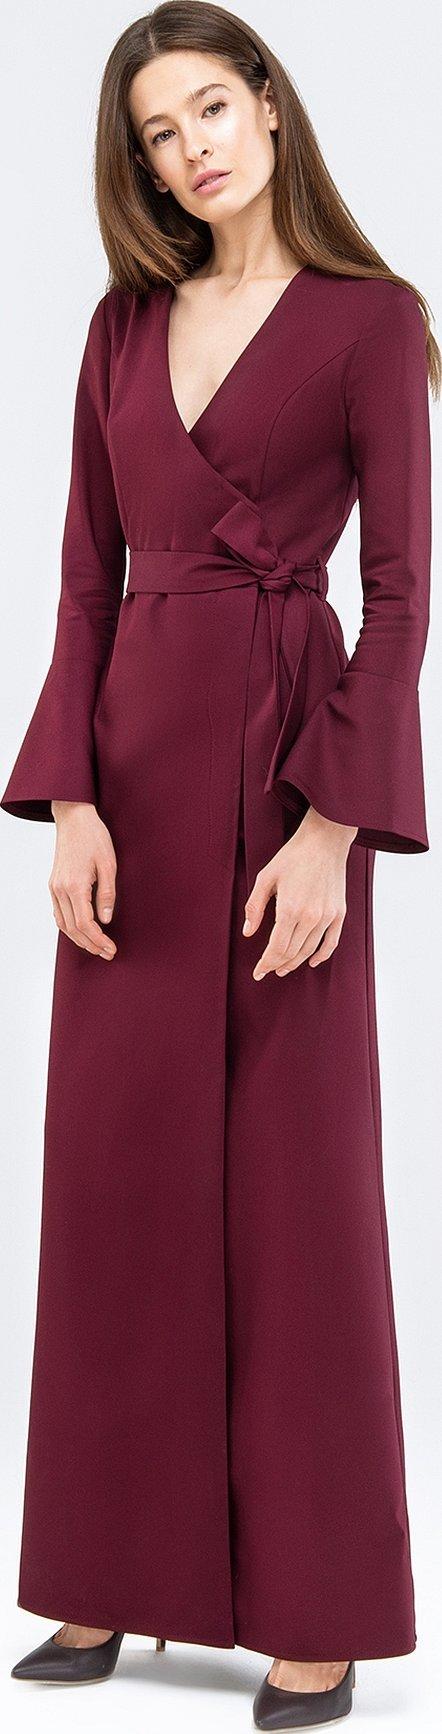 Бордовое платье макси с рукавами